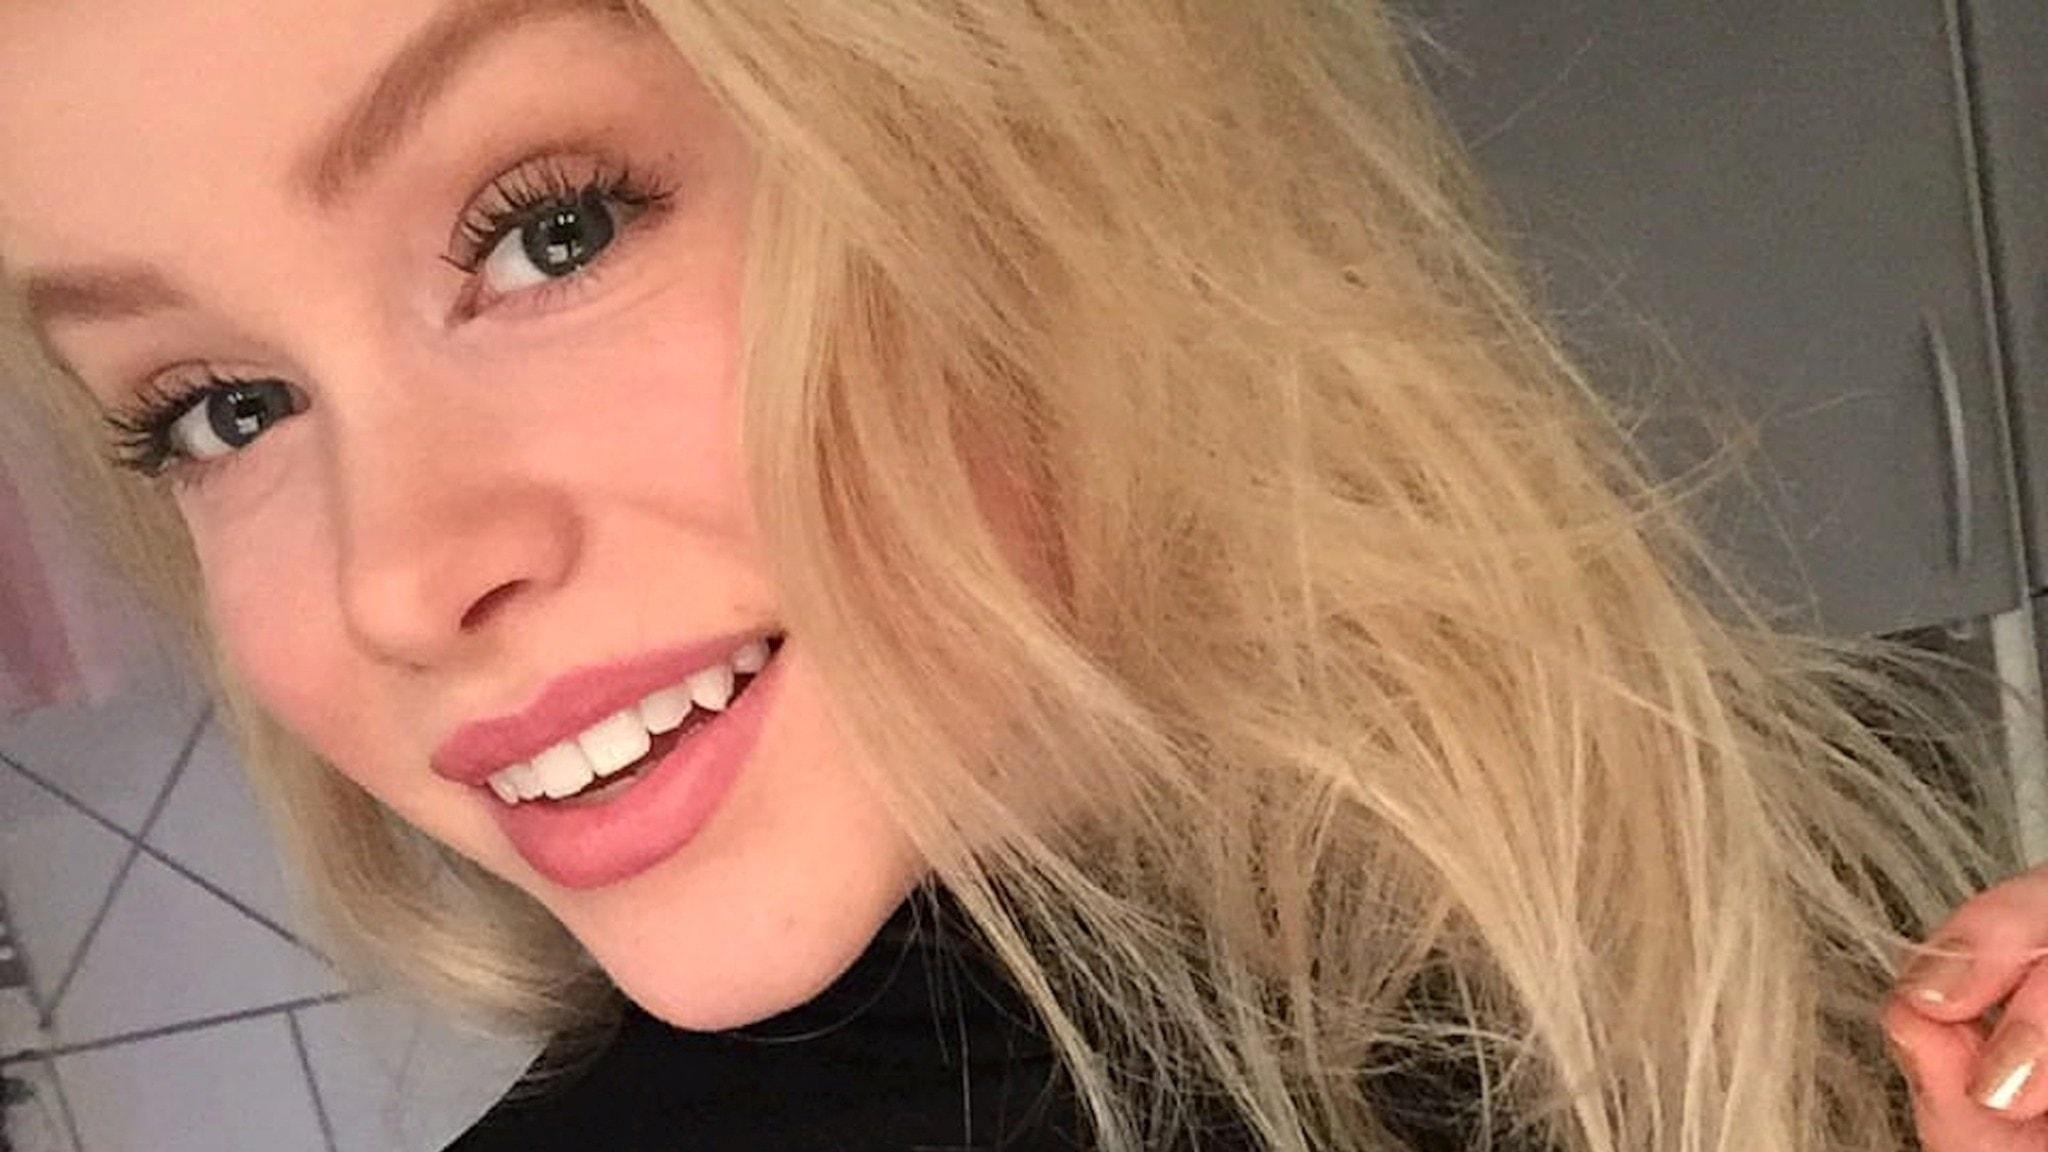 långt hår dating sida oskyddad i Göteborg